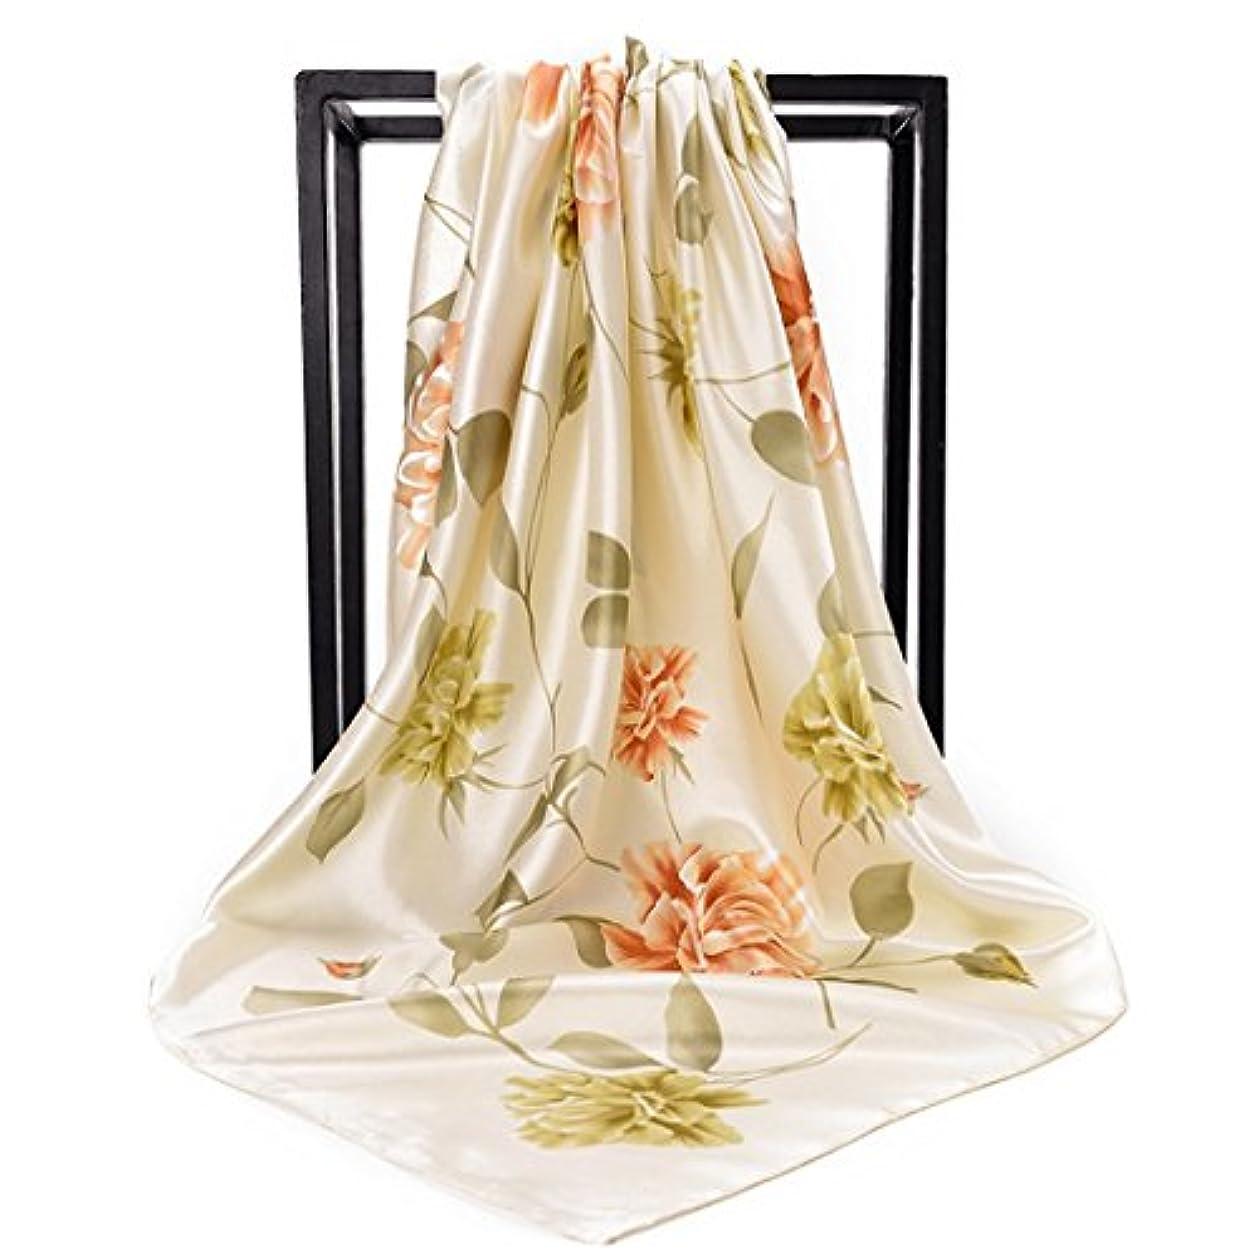 アーサーコナンドイルキャプションボランティアCATYAA プリントスクエアスカーフサテンシミュレーションシルクスカーフサテンスカーフイスラム教徒の頭皮スカーフ女性の女性の女性 (Color : Beige, サイズ : 90 * 90cm)